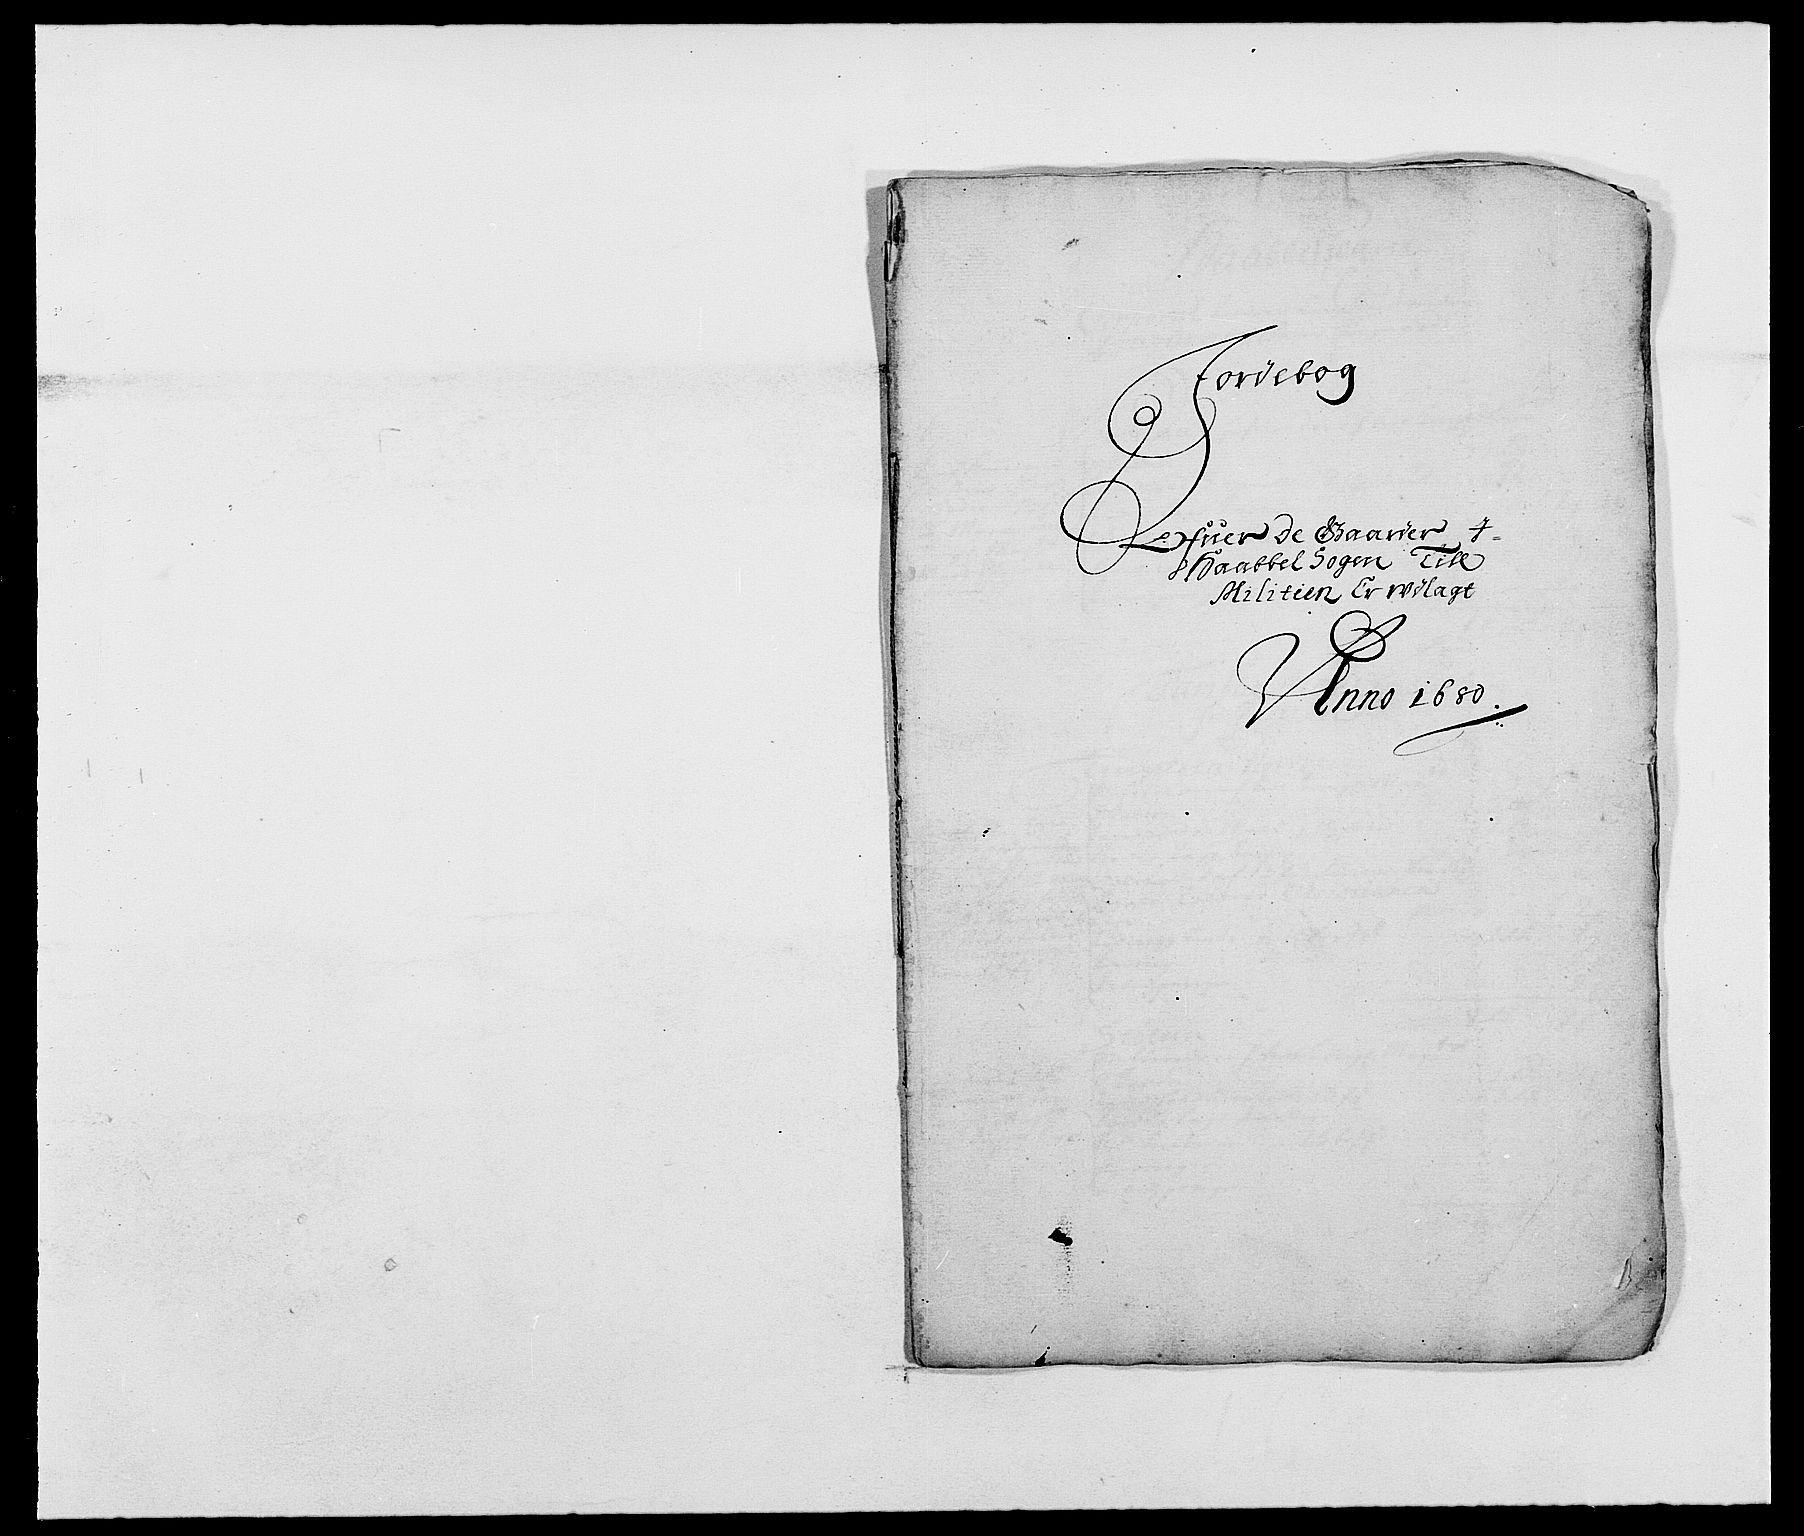 RA, Rentekammeret inntil 1814, Reviderte regnskaper, Fogderegnskap, R02/L0101: Fogderegnskap Moss og Verne kloster, 1680, s. 282